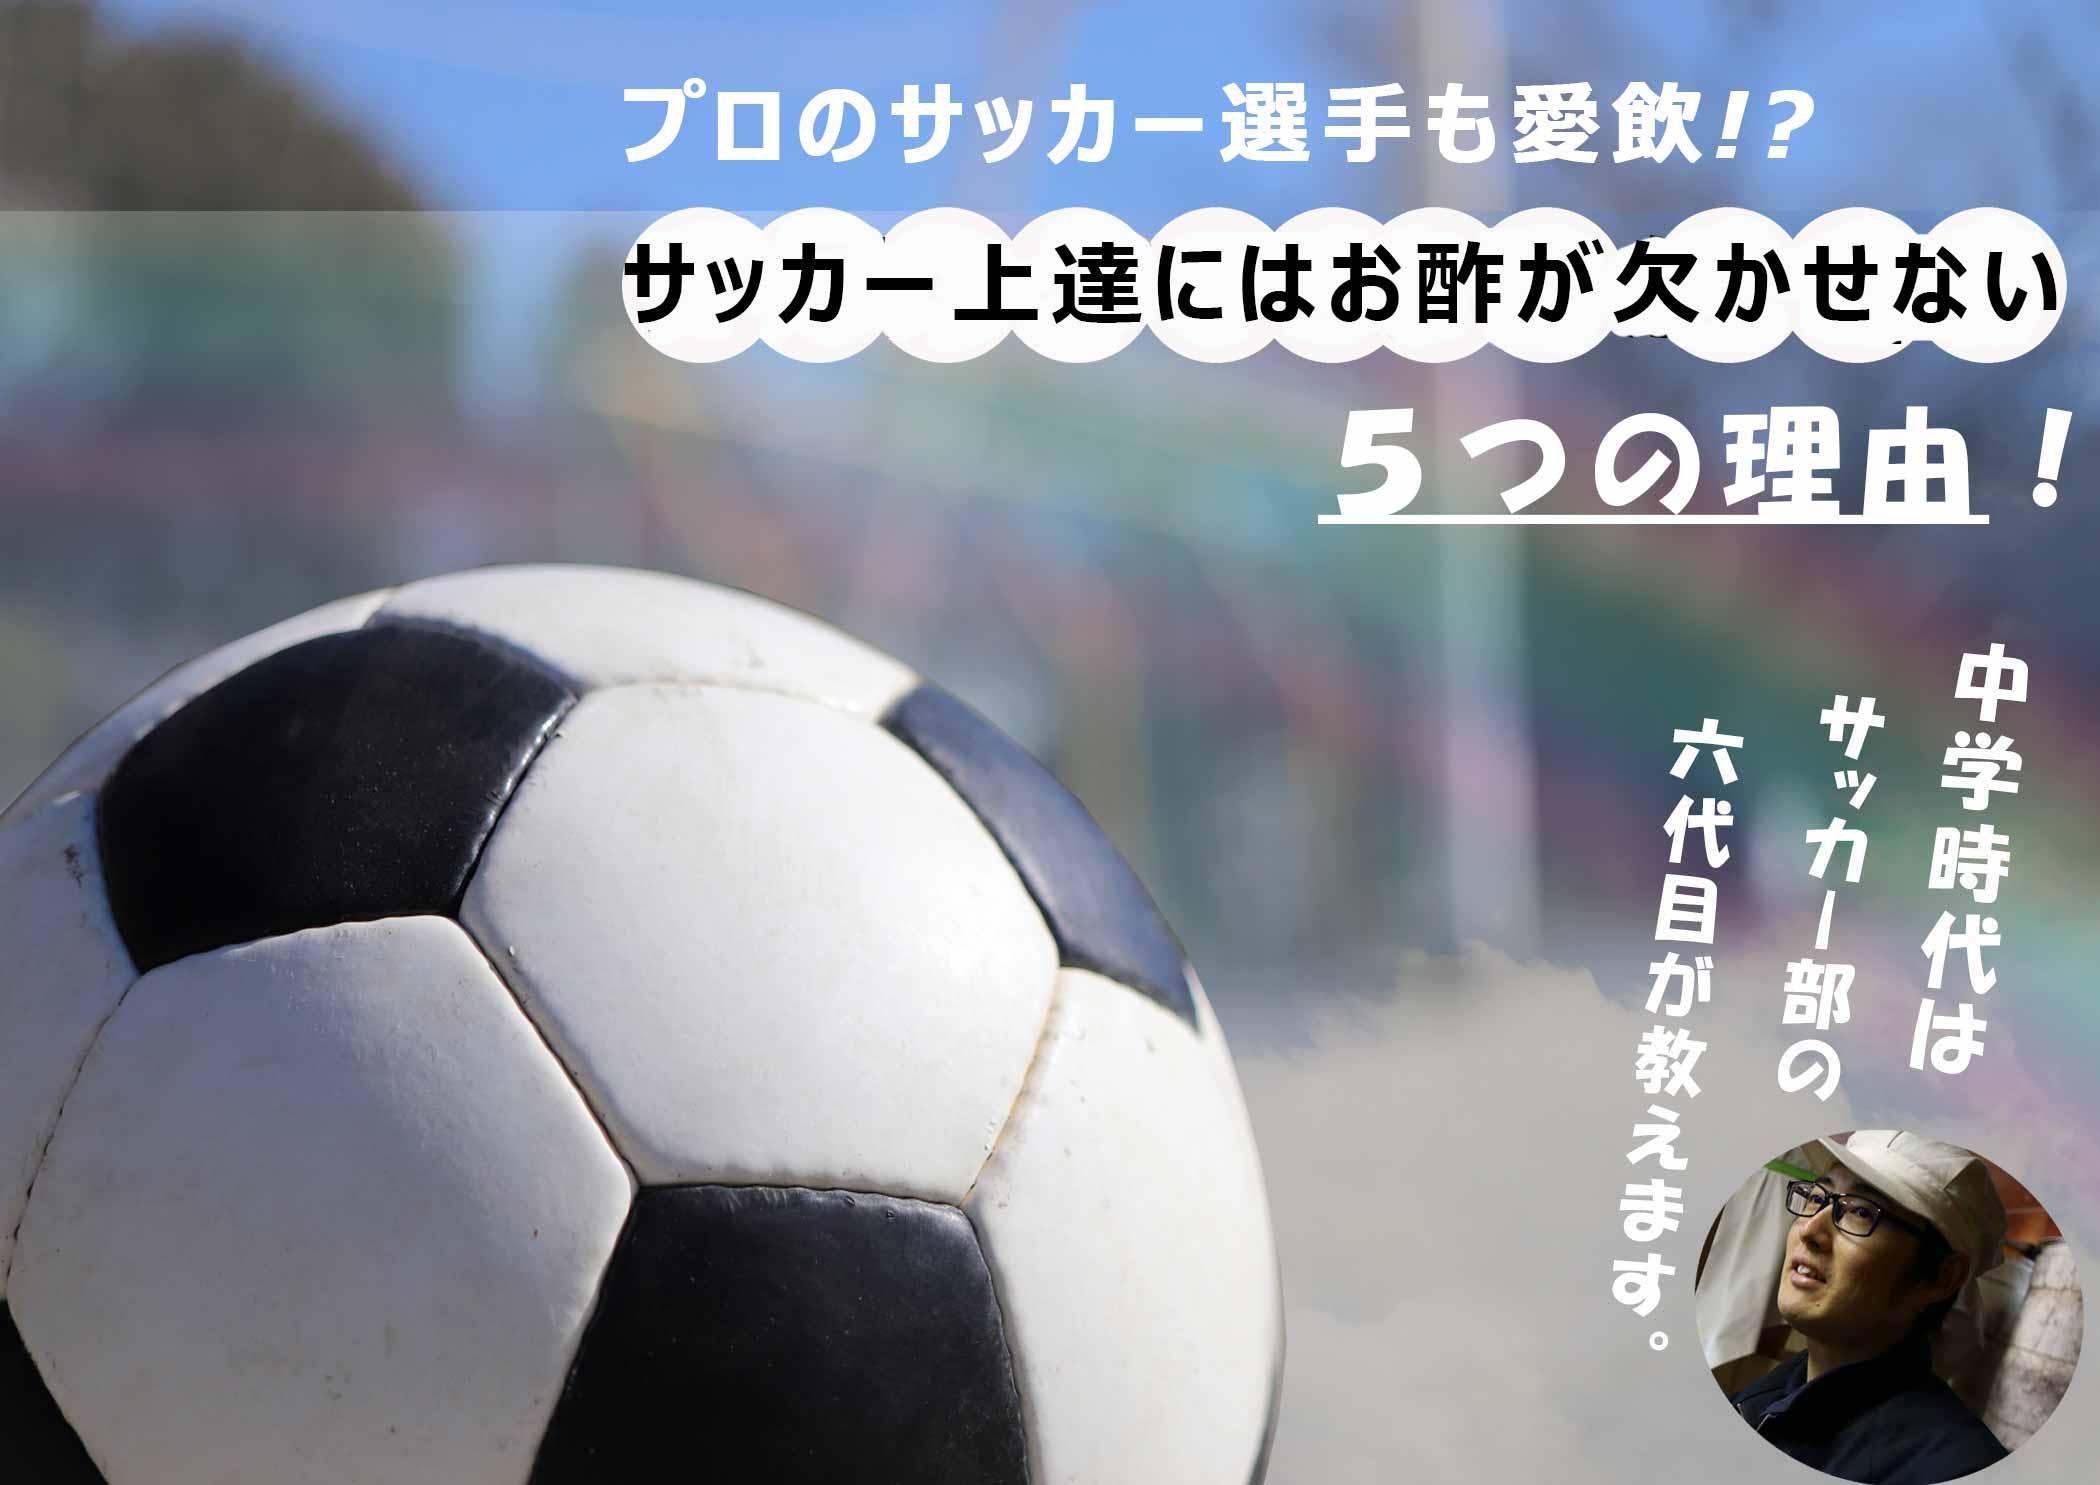 サッカー部お酢